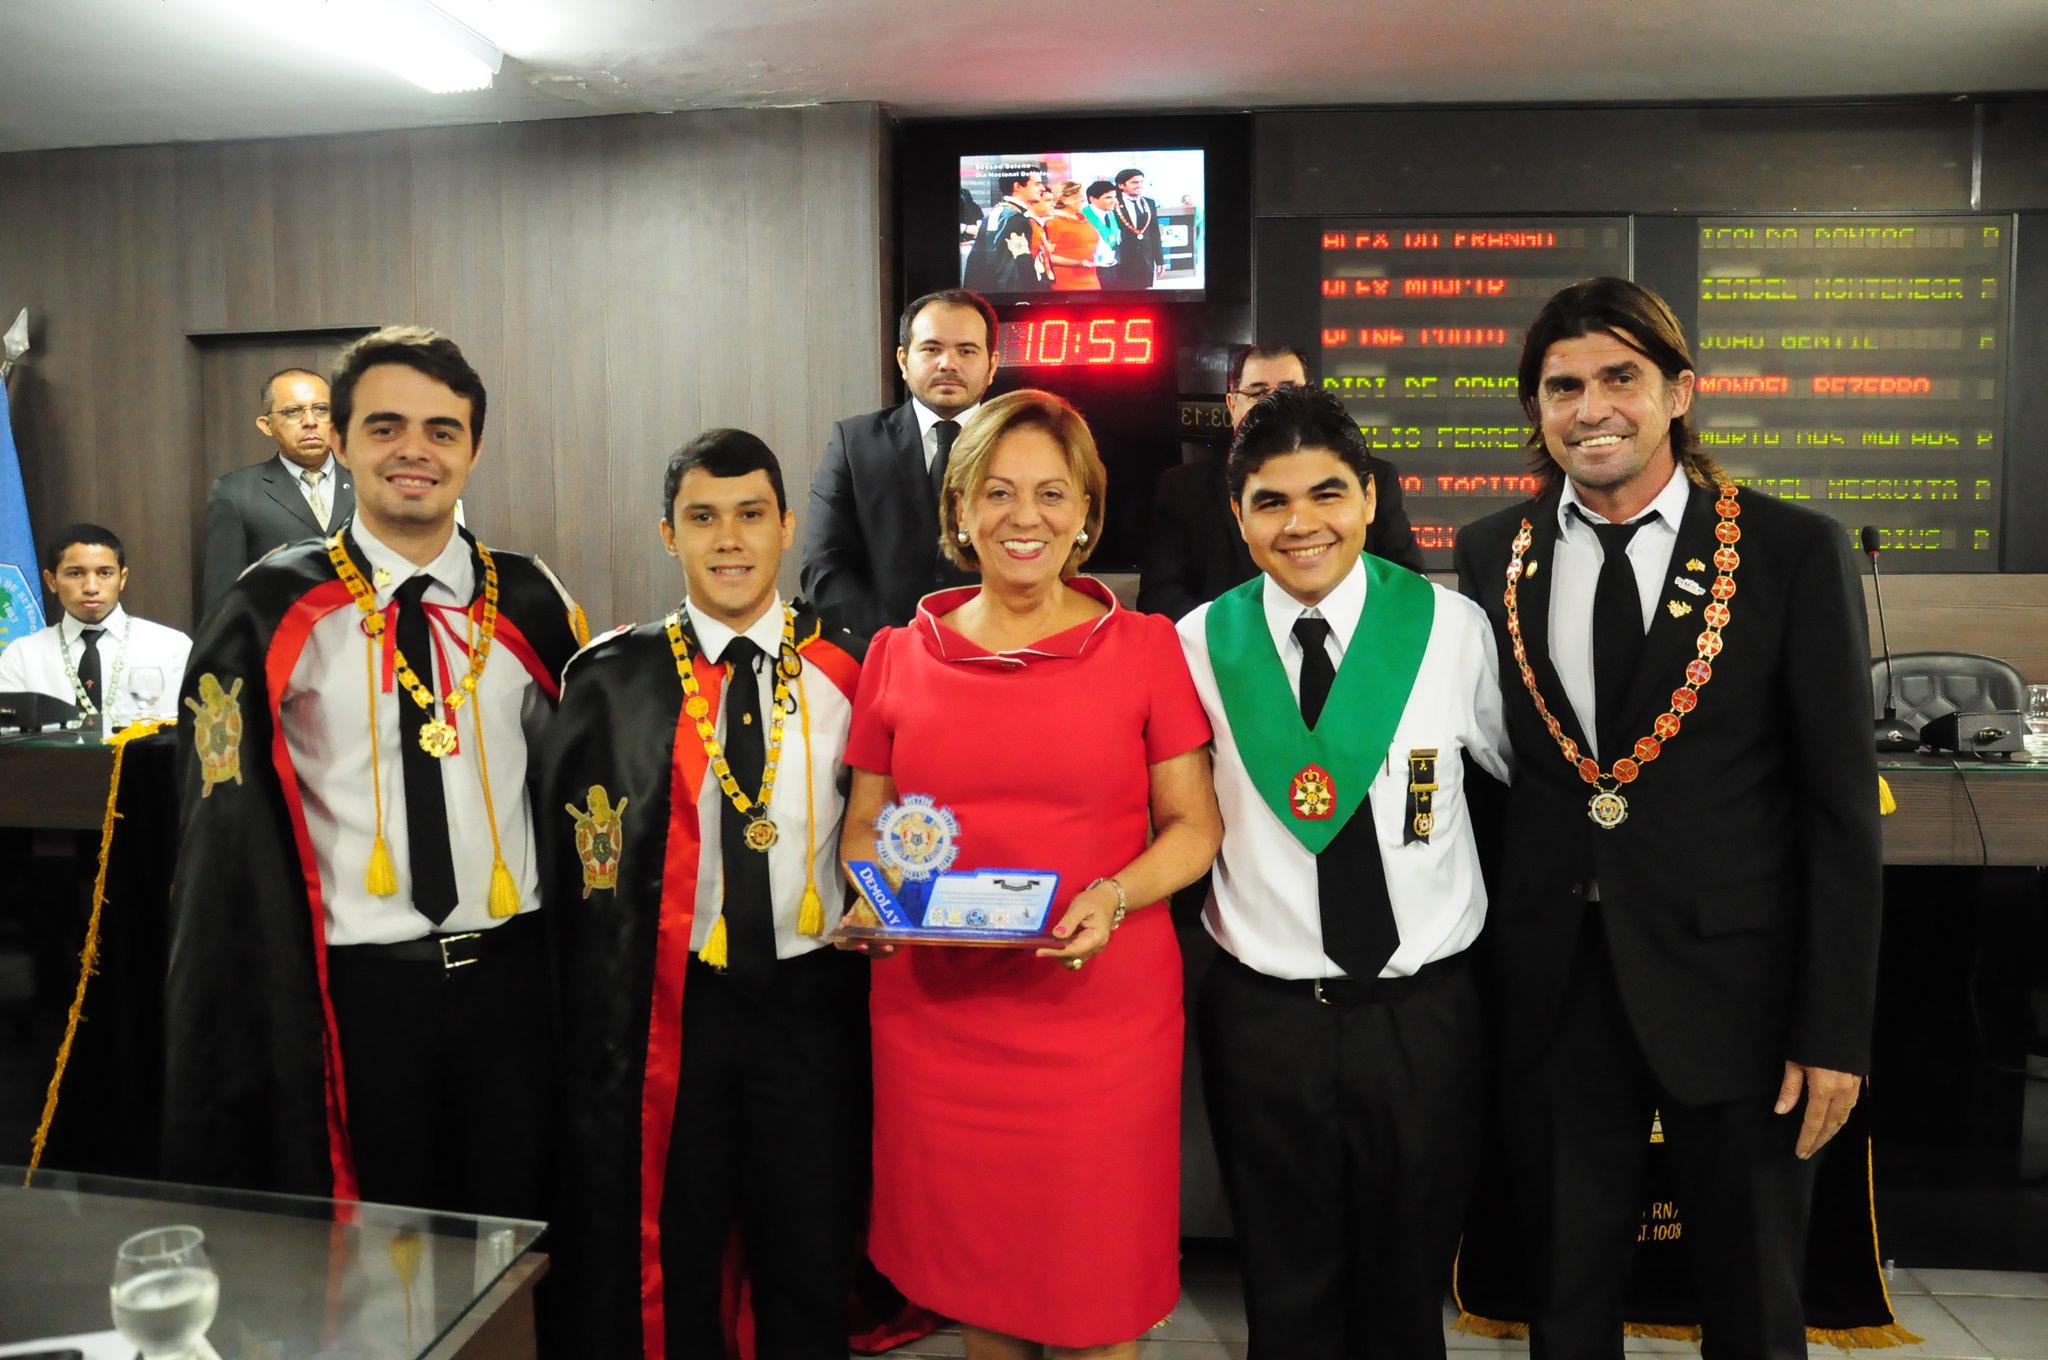 Prefeita Rosalba Ciarlini recebe comendas de homenagens maçônicas